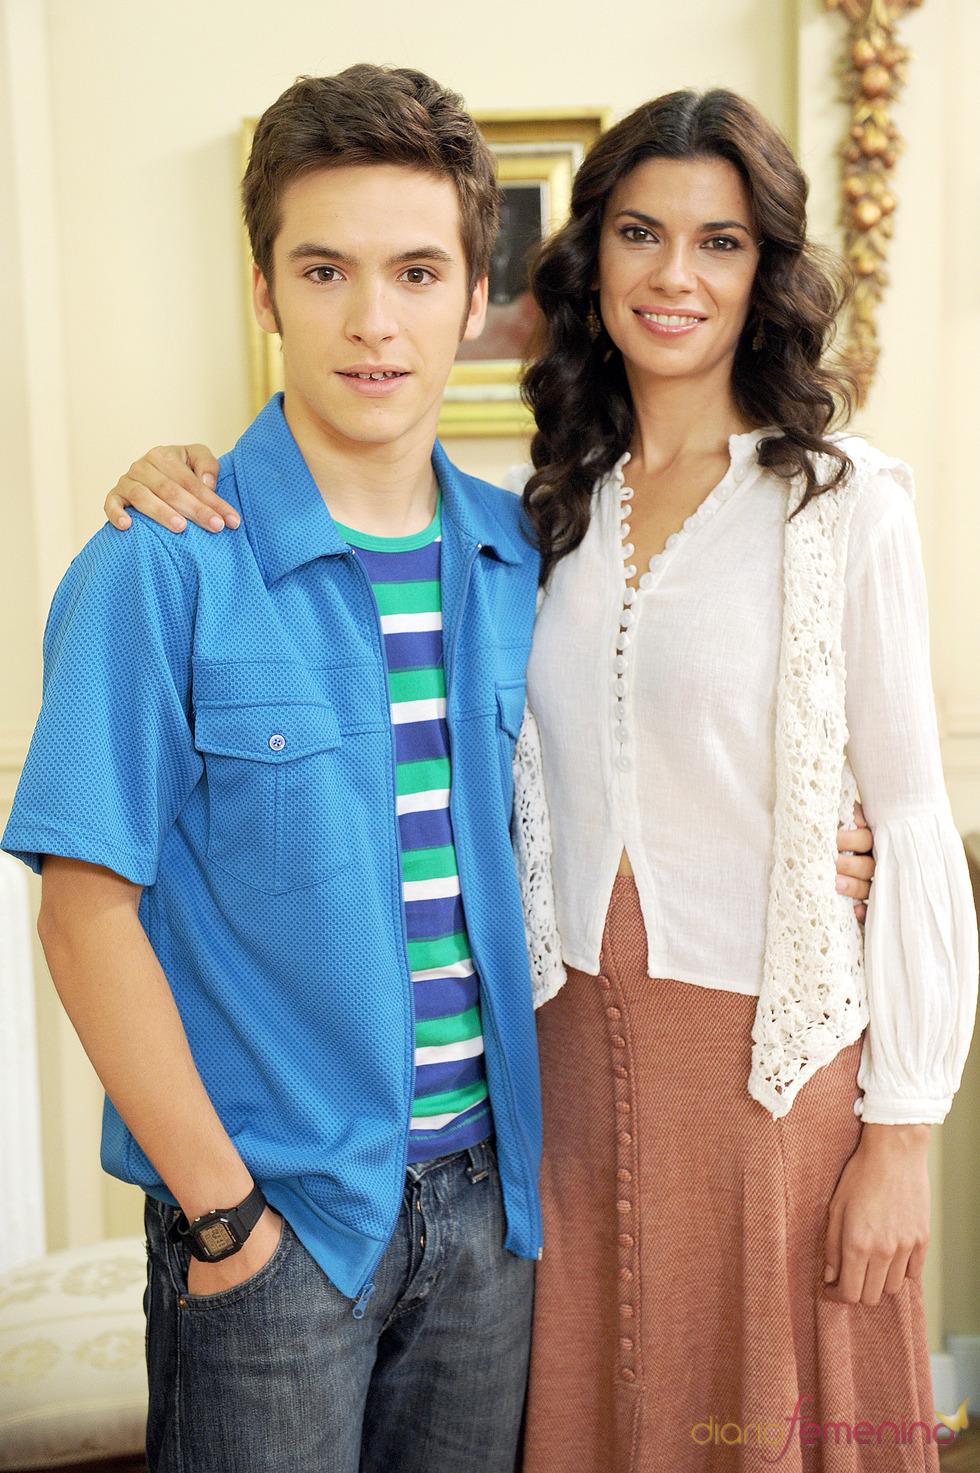 Ricardo Gómez y Pilar Punzano en la presentación de la 13 temporada de 'Cuéntame cómo pasó'